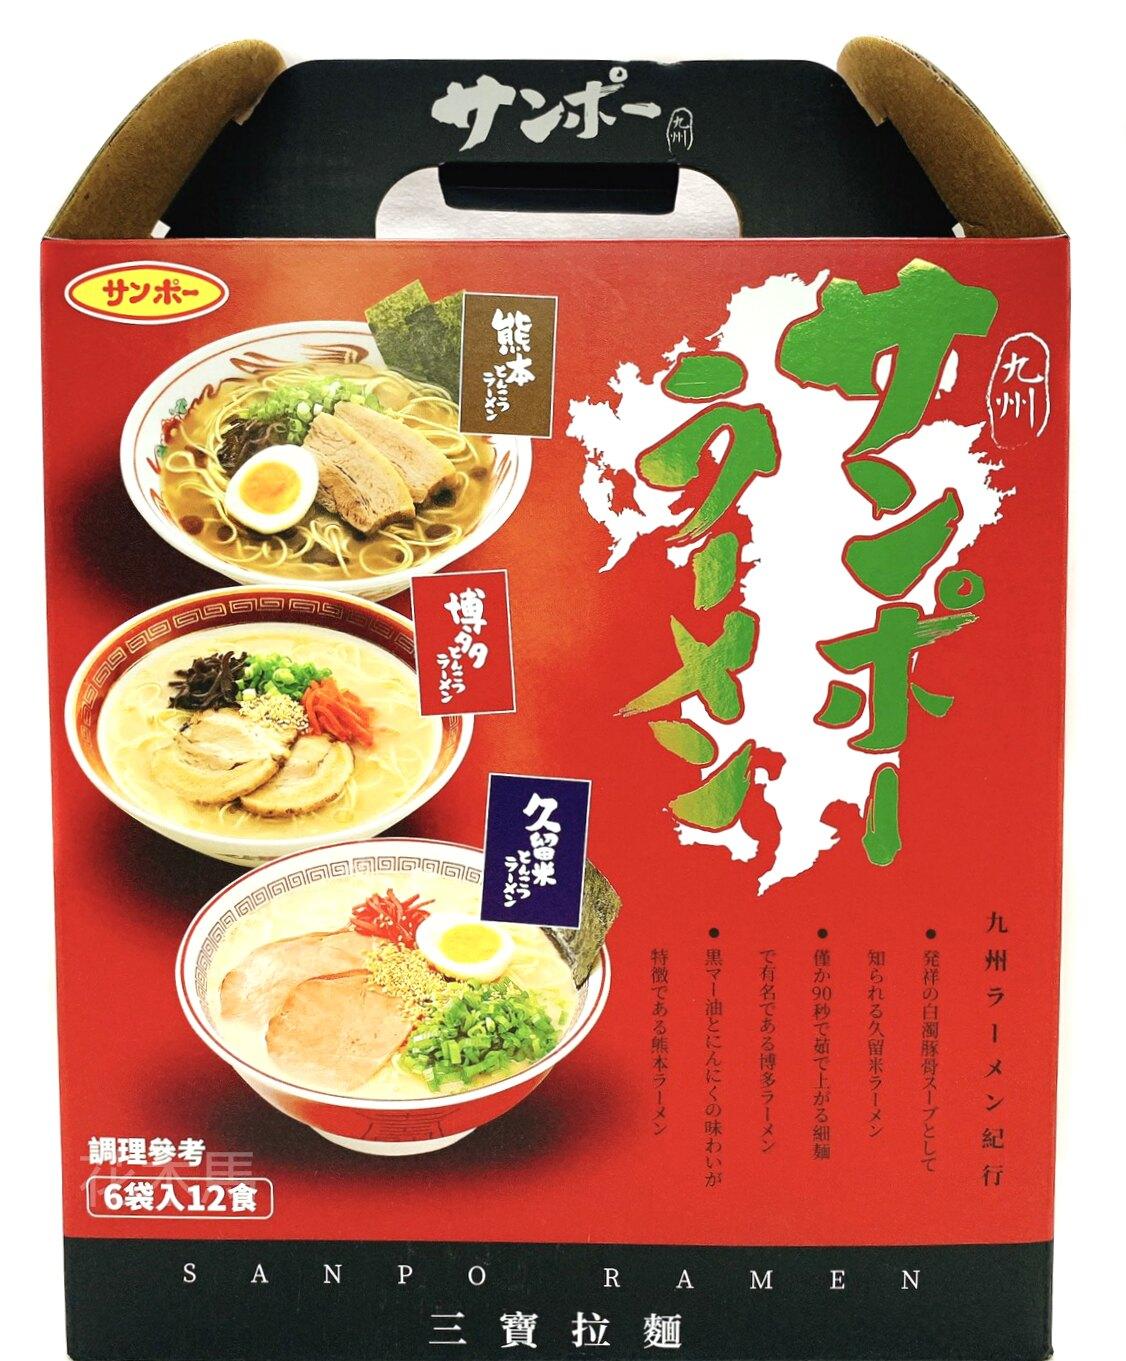 日本 三寶拉麵禮盒 6袋入(2人份/袋) 三寶拉麵 Sanpo 棒狀拉麵禮盒 久留米豚骨 熊本豚骨 博多豚骨 豚骨拉麵